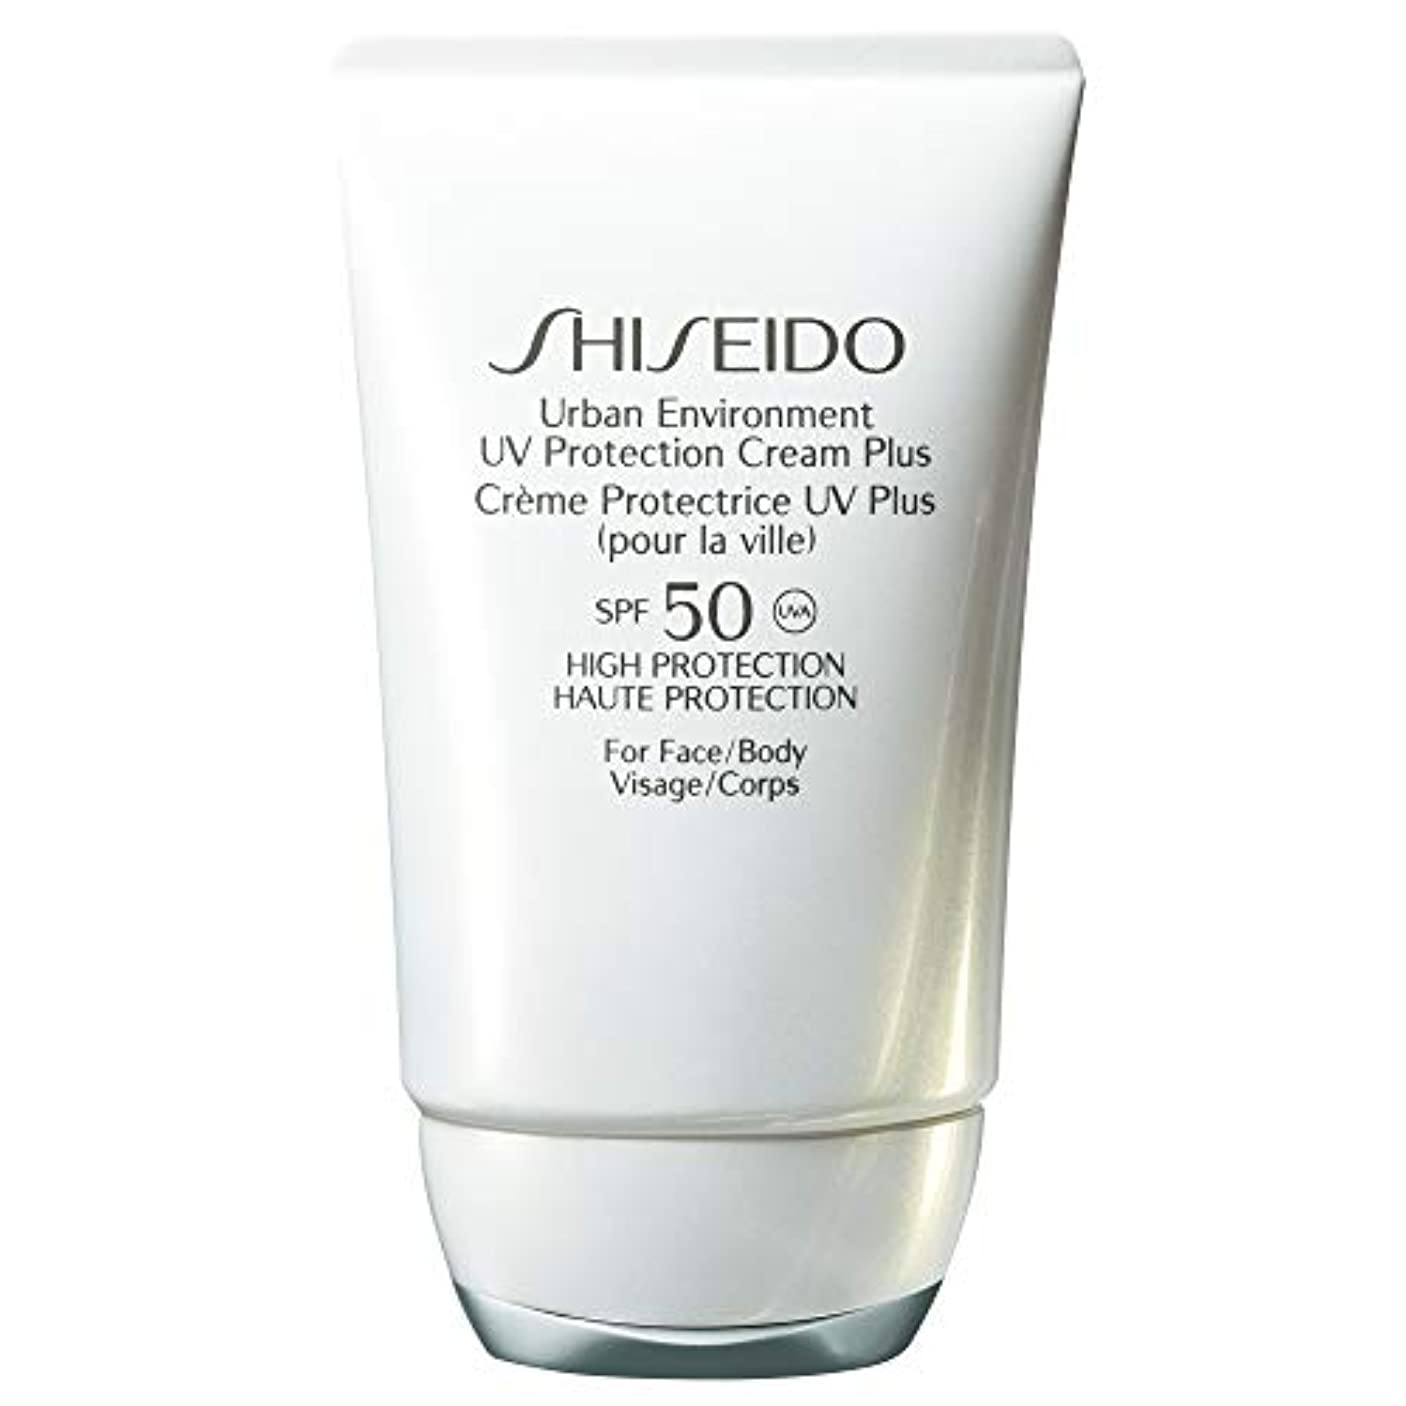 骨髄主権者ショートカット[Shiseido] 資生堂都市環境UvプロテクションクリームプラスSpf 50 50ミリリットル - Shiseido Urban Environment Uv Protection Cream Plus Spf 50...